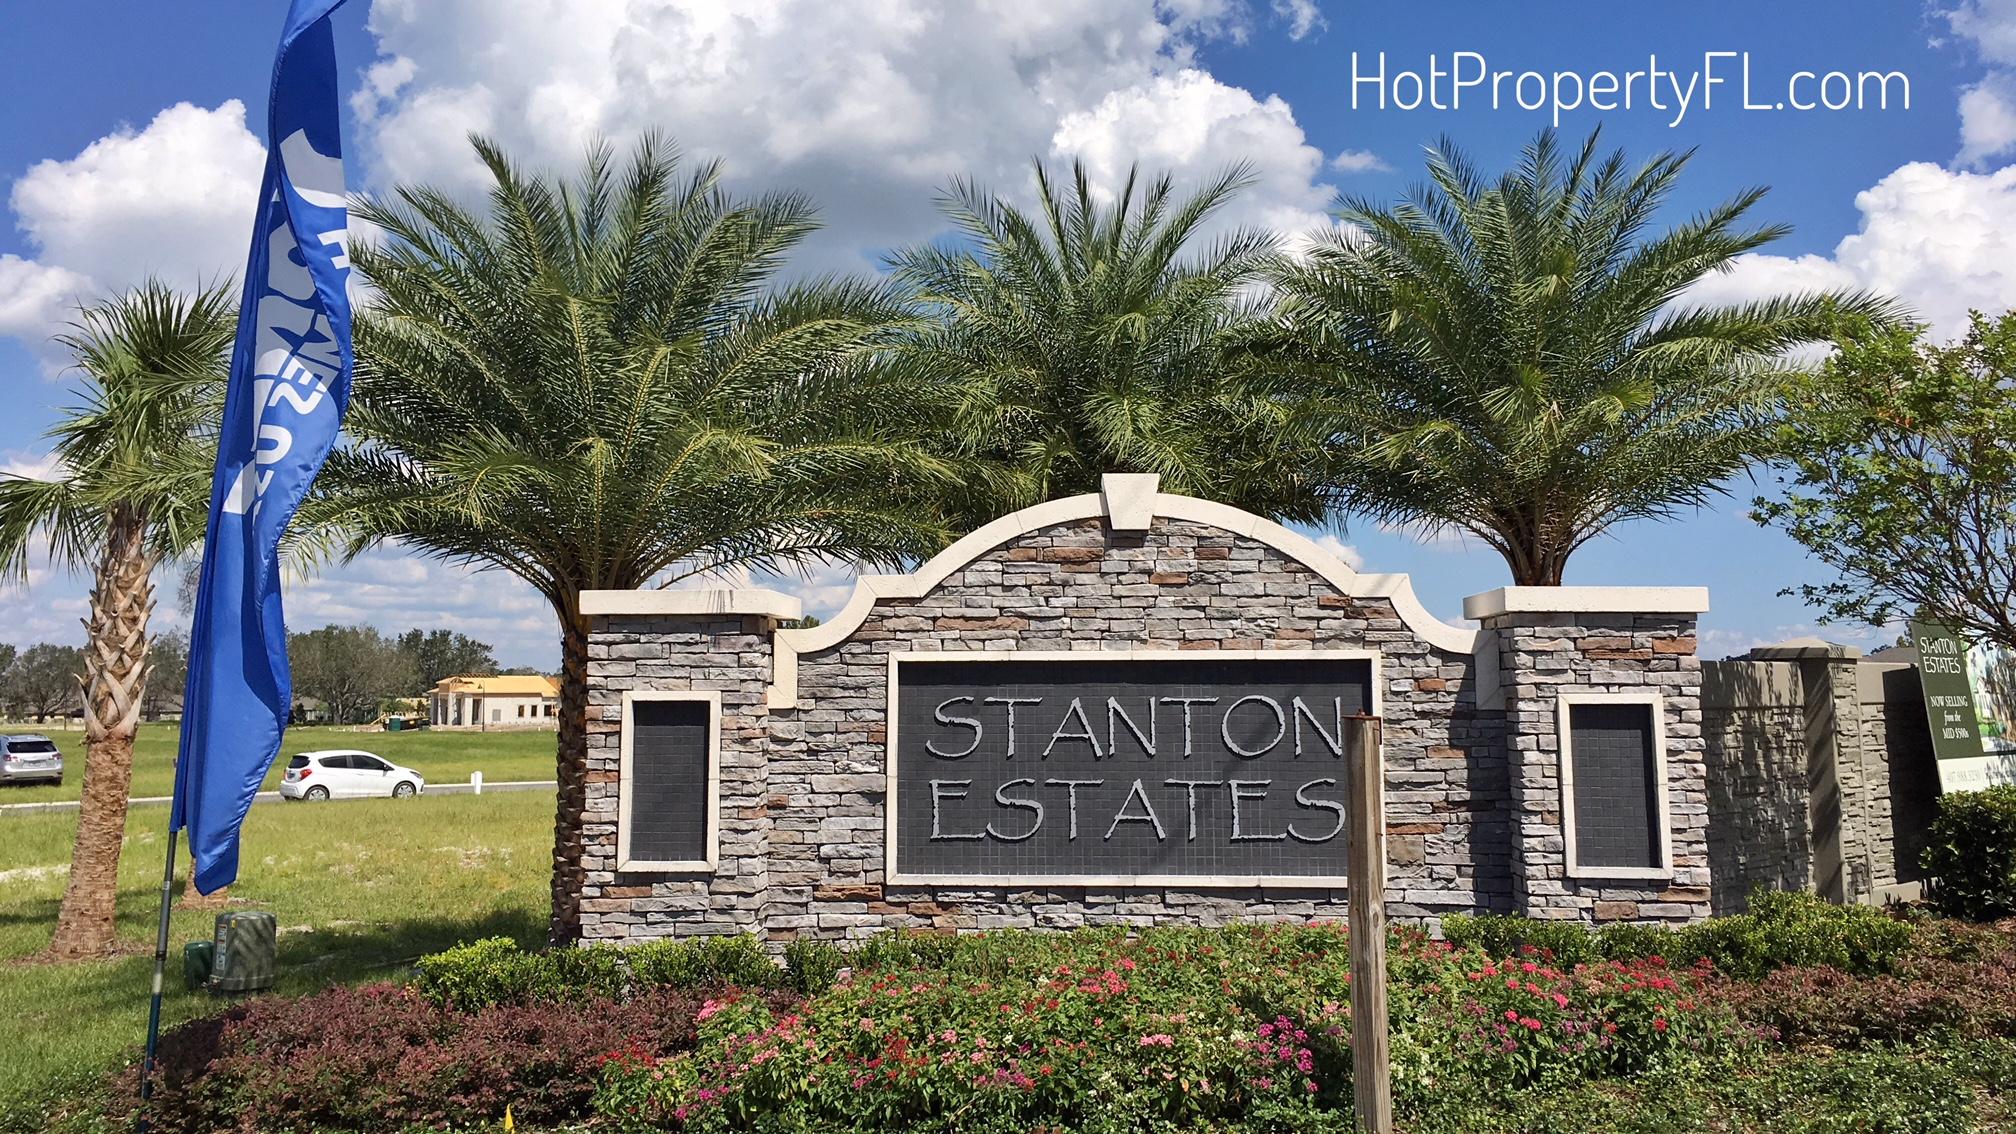 orlando area real estate market information